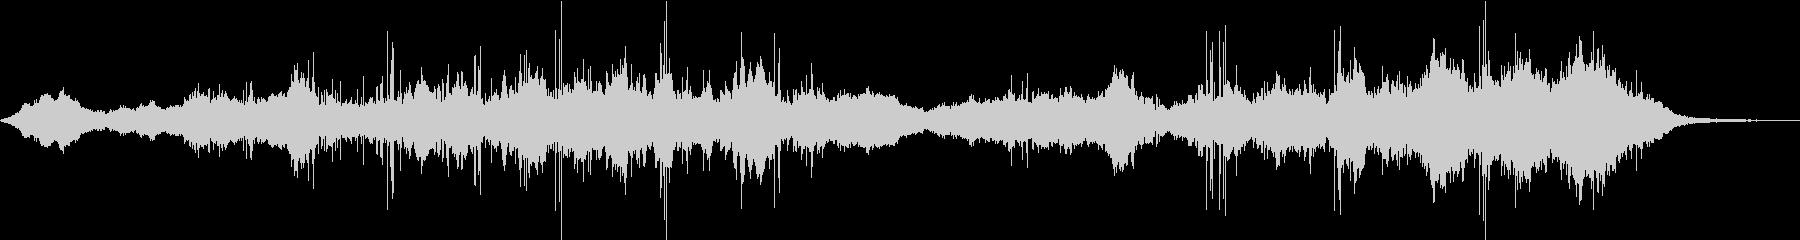 KANTアンビエントダークフィールトの未再生の波形